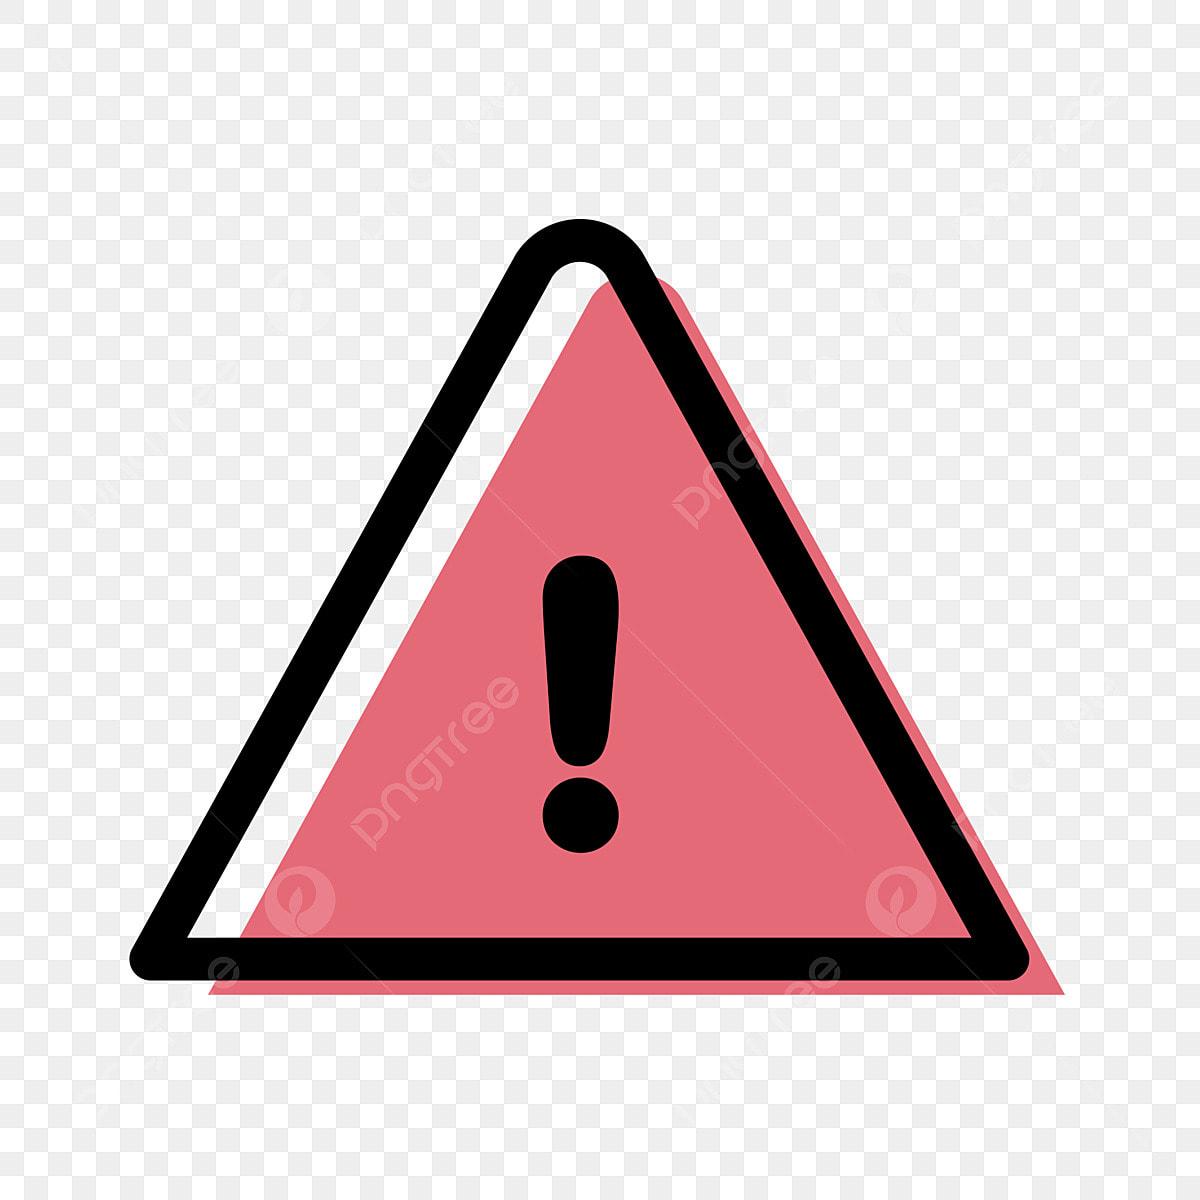 مثلث جديلة Ui مسطحة أيقونة Ui Ui مسطحة أيقونة H5 Ui Ui Png وملف